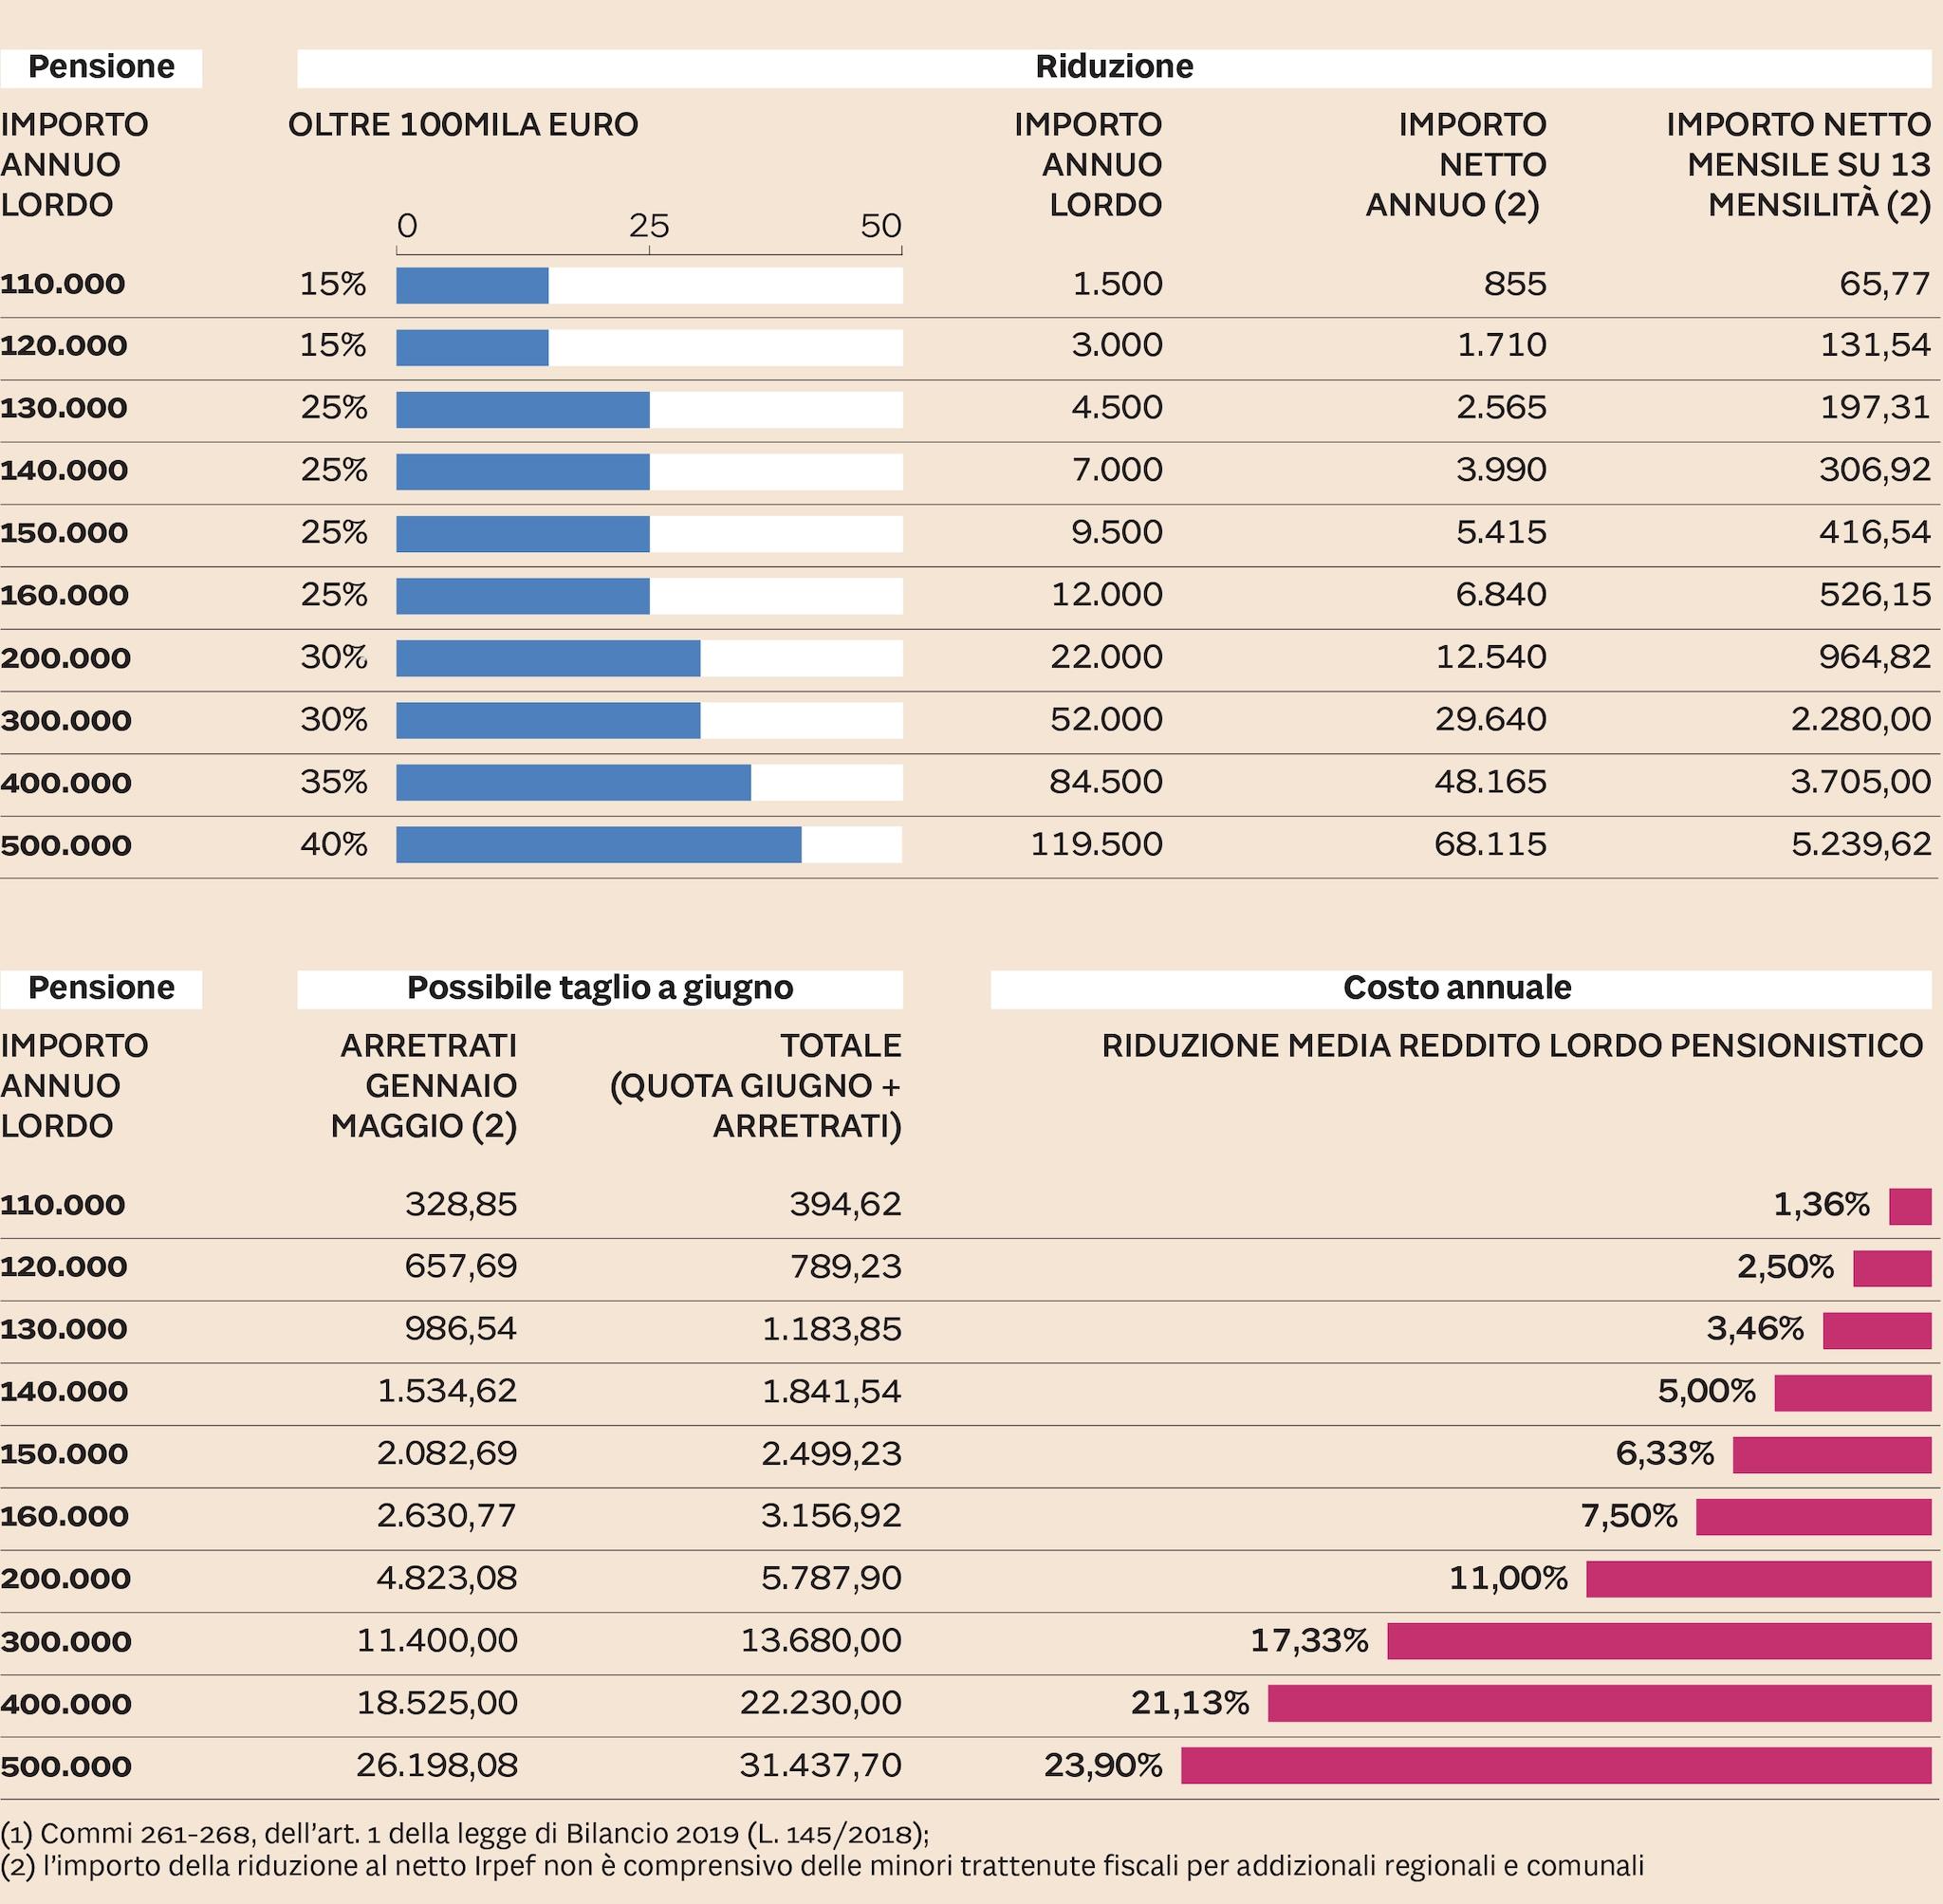 Calendario Pagamento Pensioni Inps.Pensioni L Inps Conferma A Giugno Scatta Il Doppio Taglio